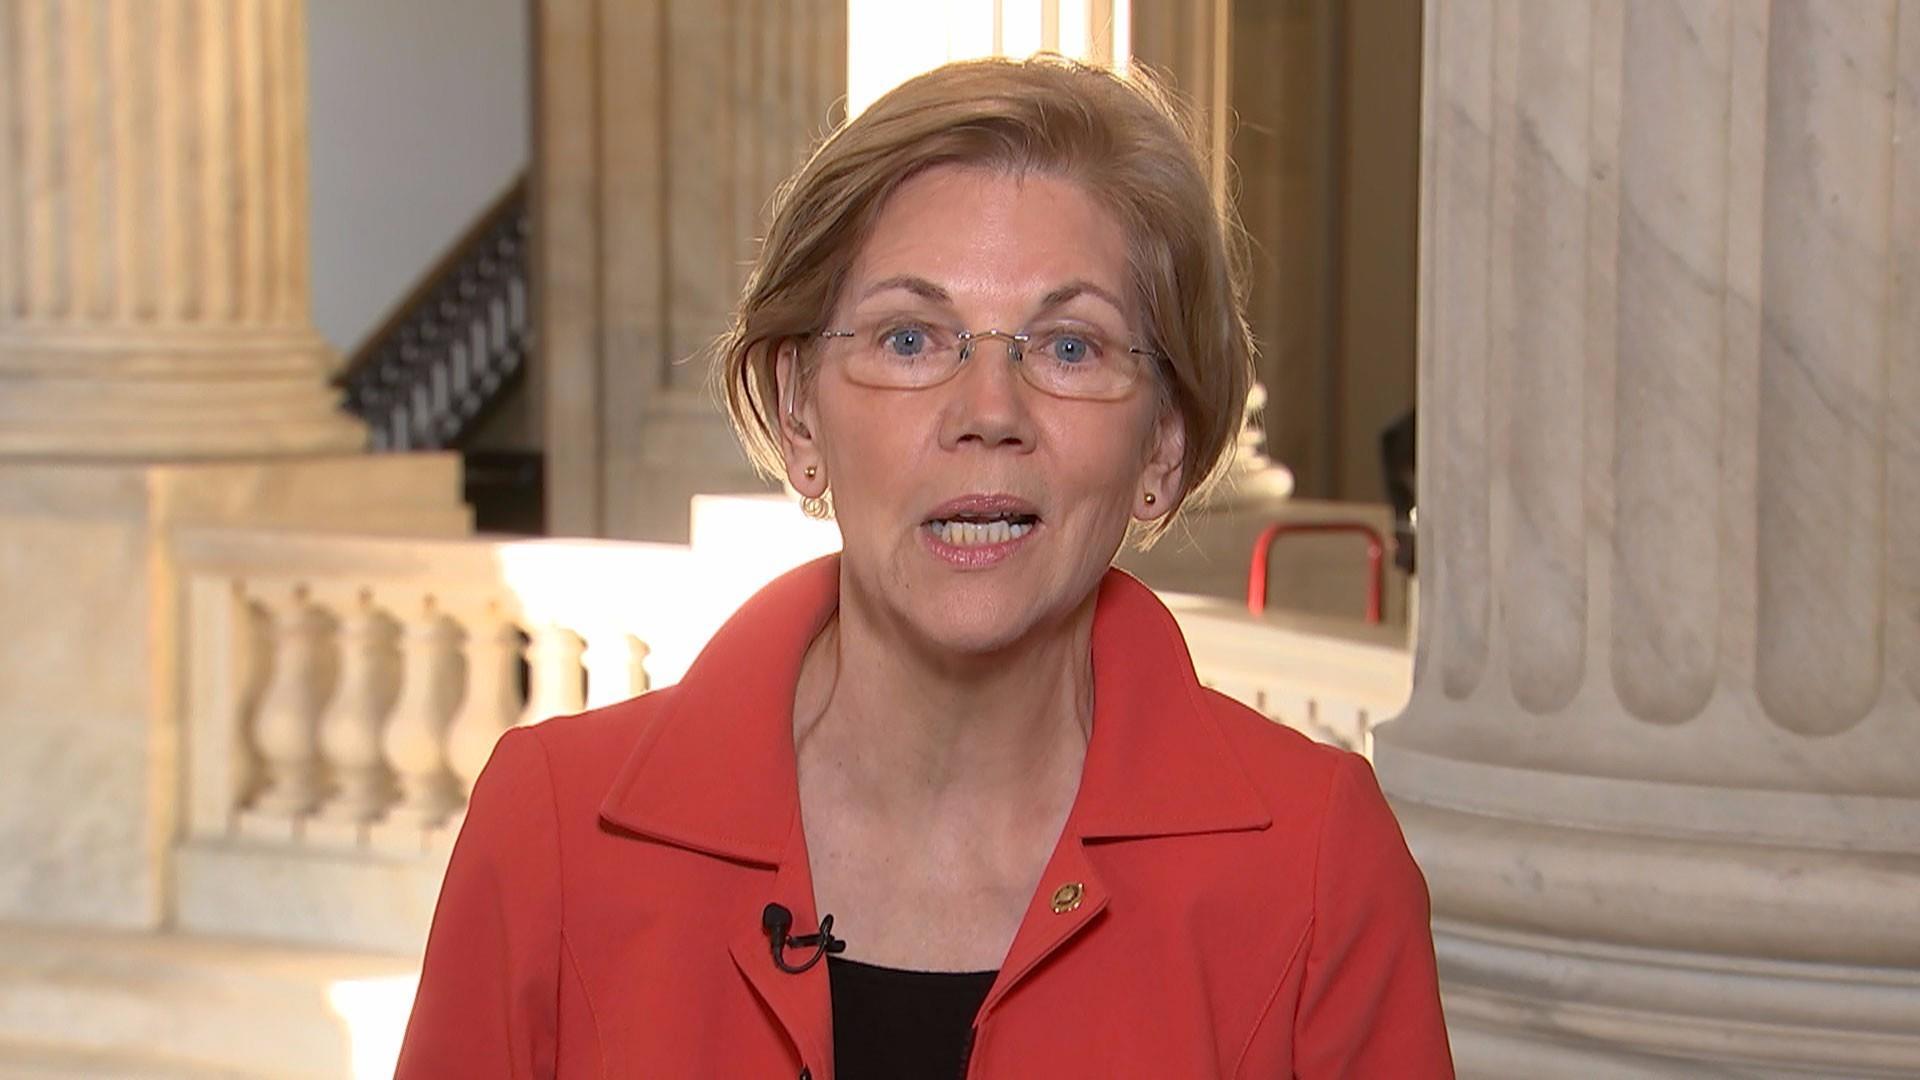 Elizabeth Warren reacts to Donald Trump calling her